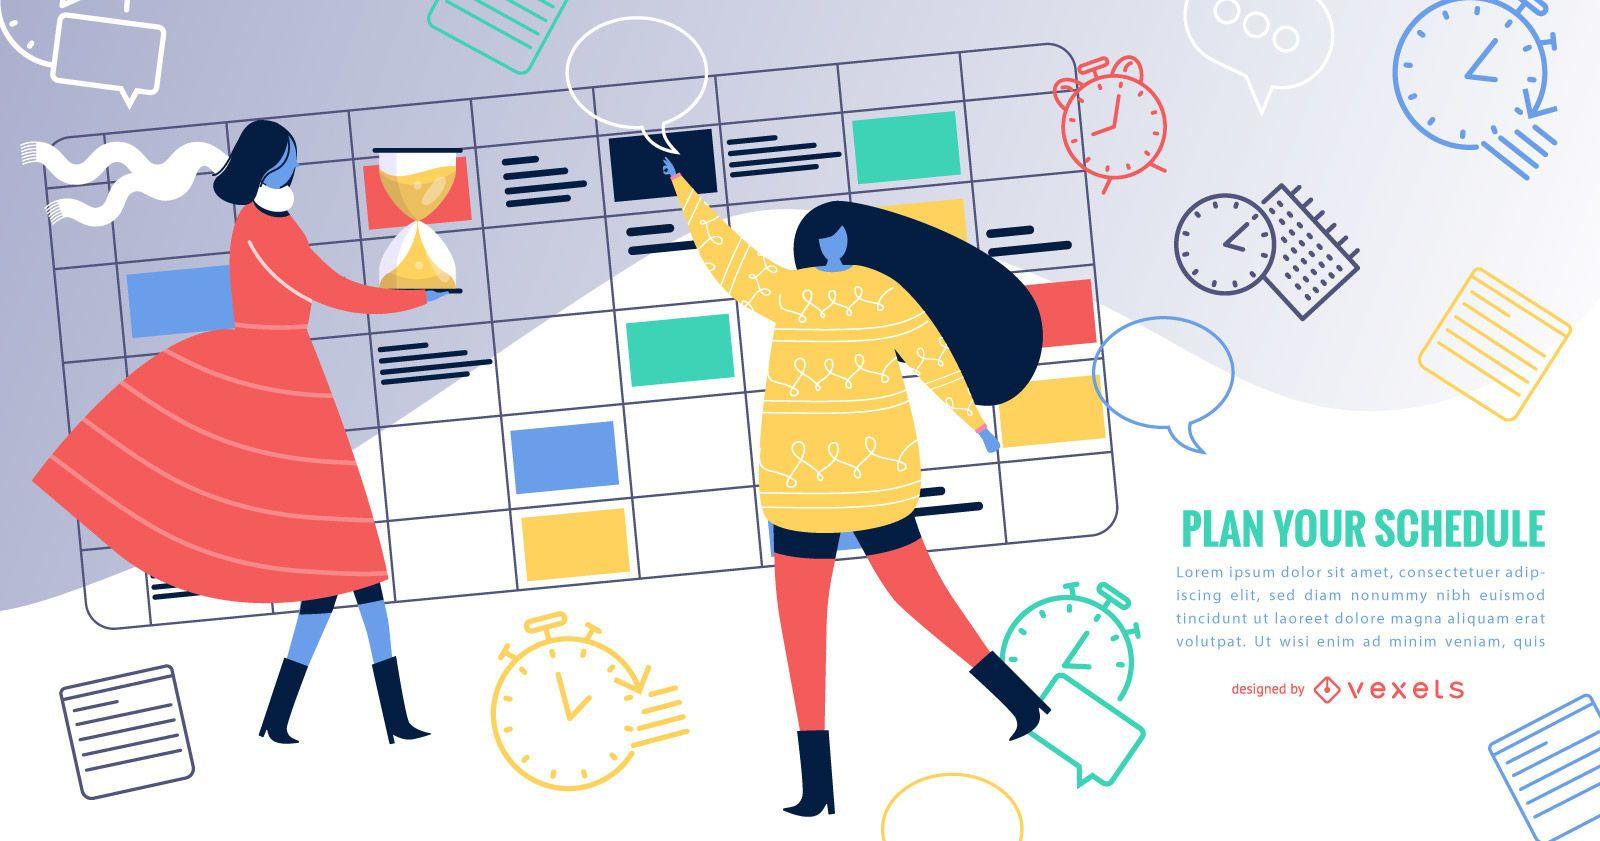 Diseño simple del calendario de eventos